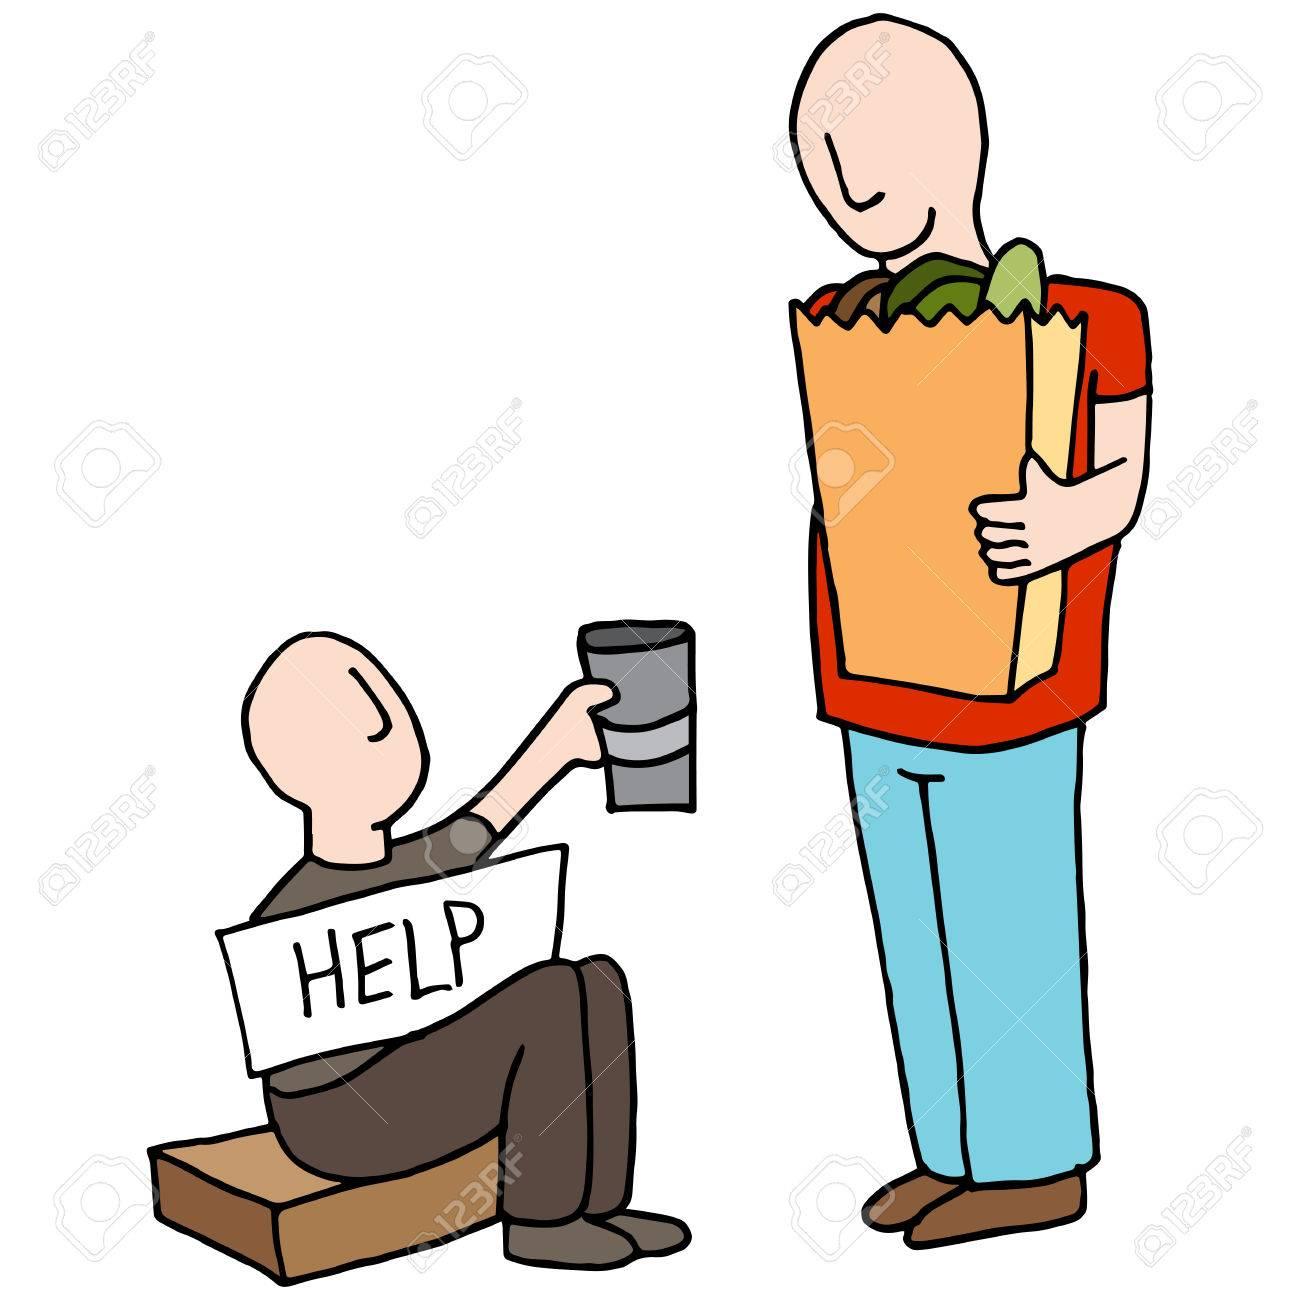 お客様からお金を求める乞食のイメージ。 ロイヤリティフリークリップ